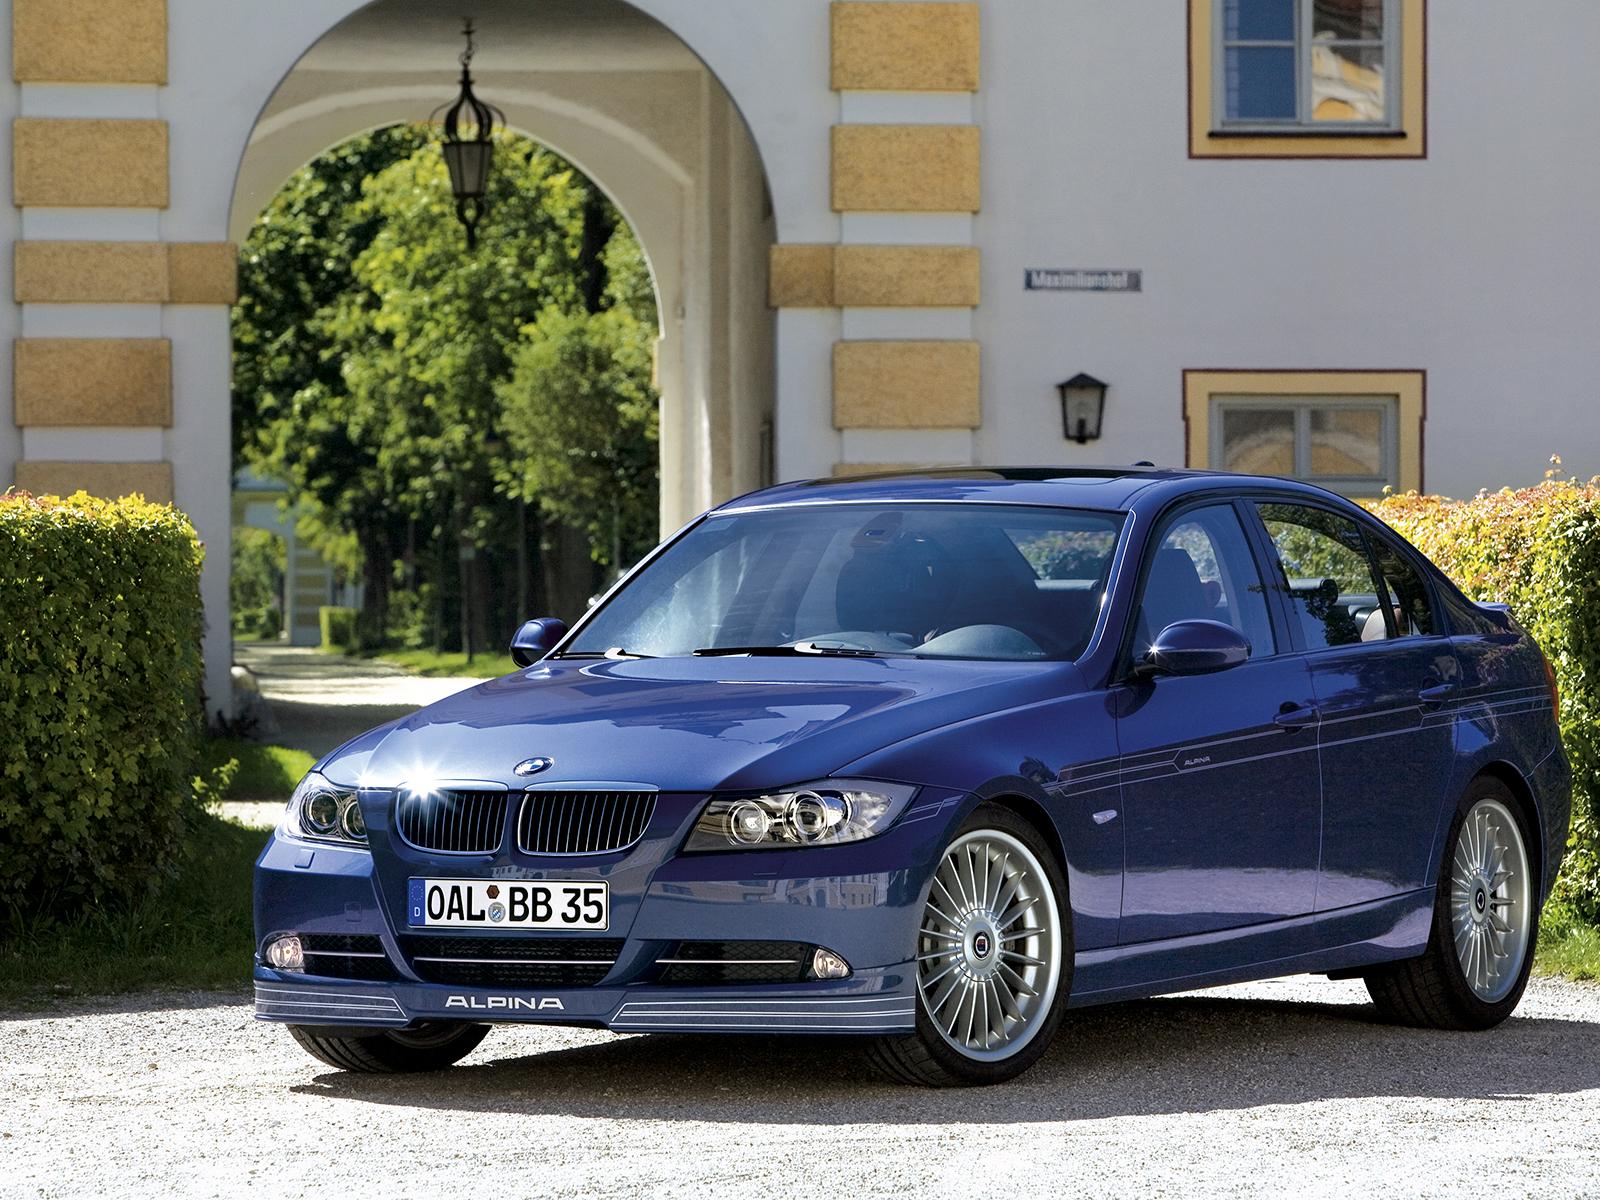 BMWアルピナB3ビターボは中古車価格と維持費は?故障は多い?